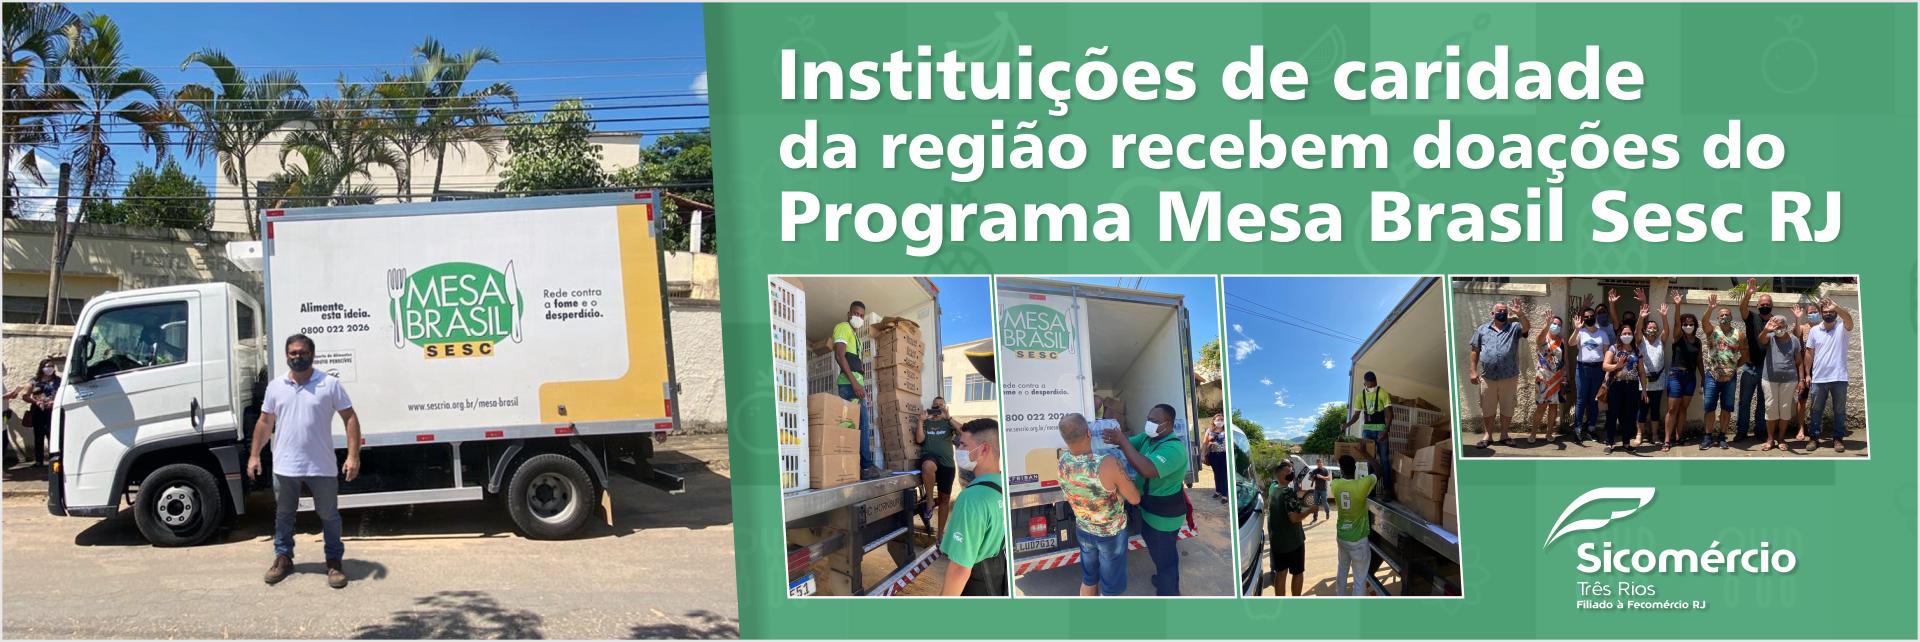 Instituições de caridade da região recebem doações do Programa Mesa Brasil Sesc RJ